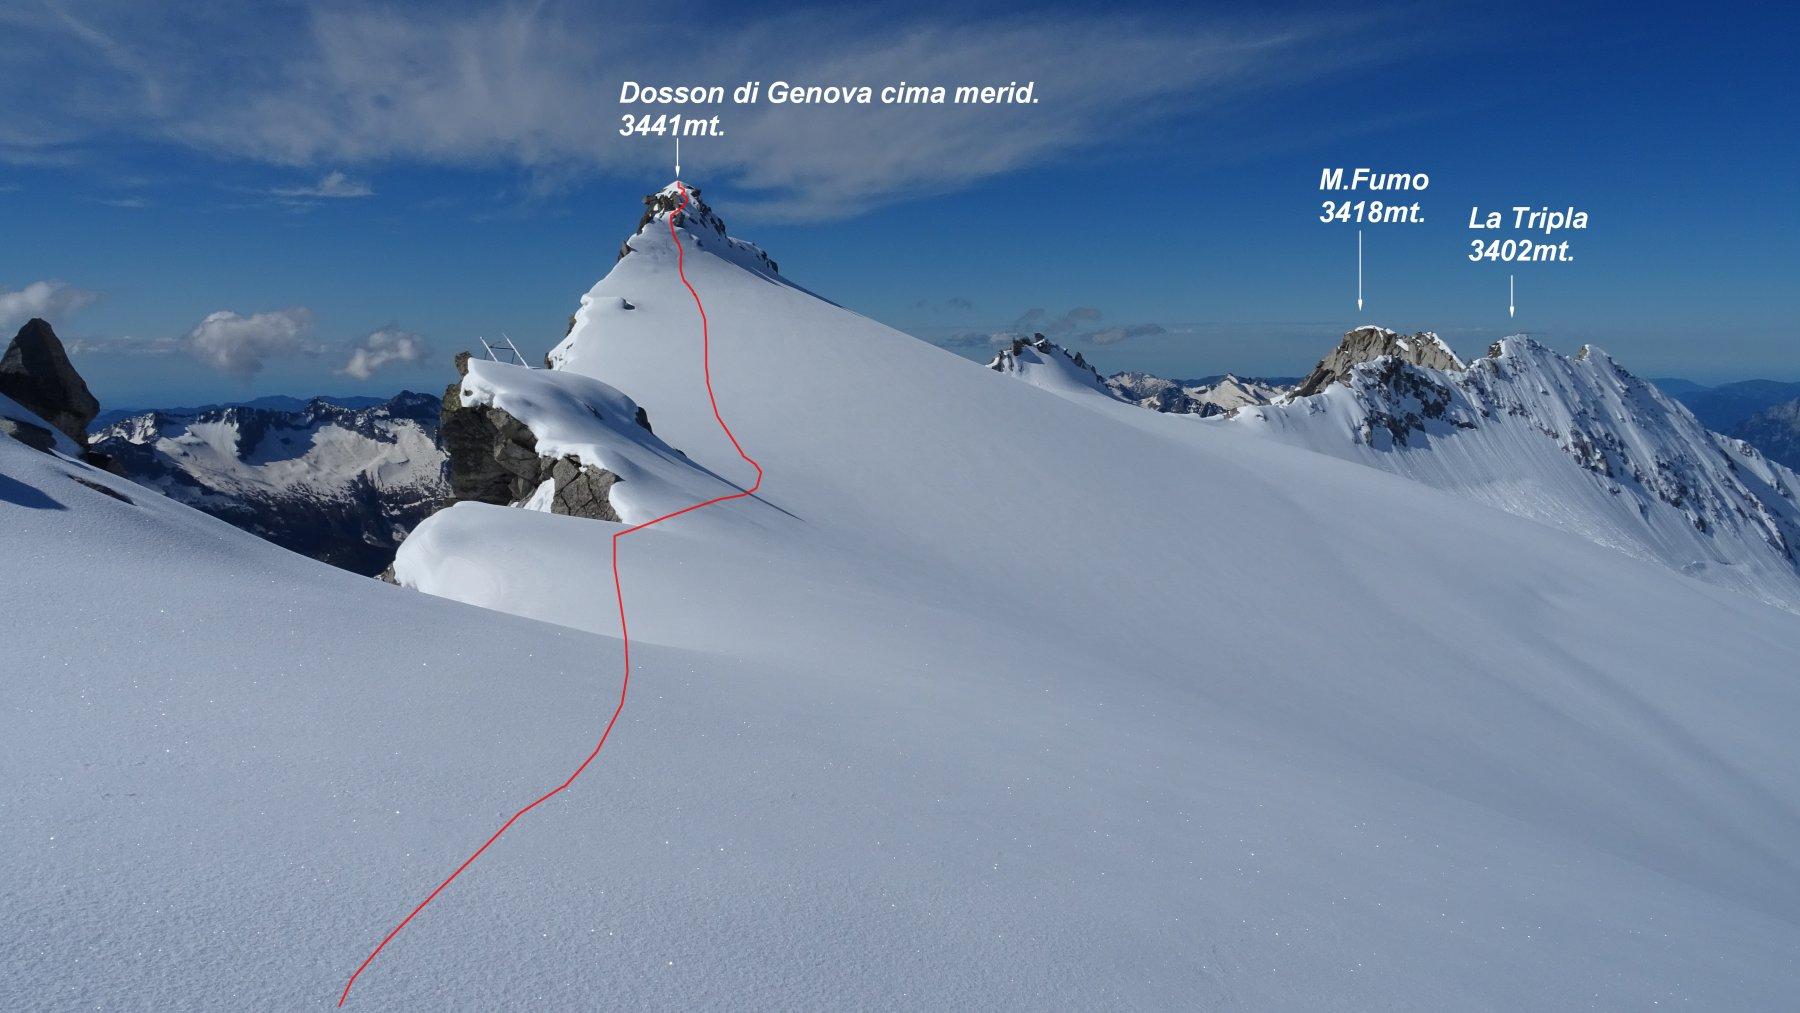 In rosso la traccia di salita verso il Dosson di Genova meridionale.